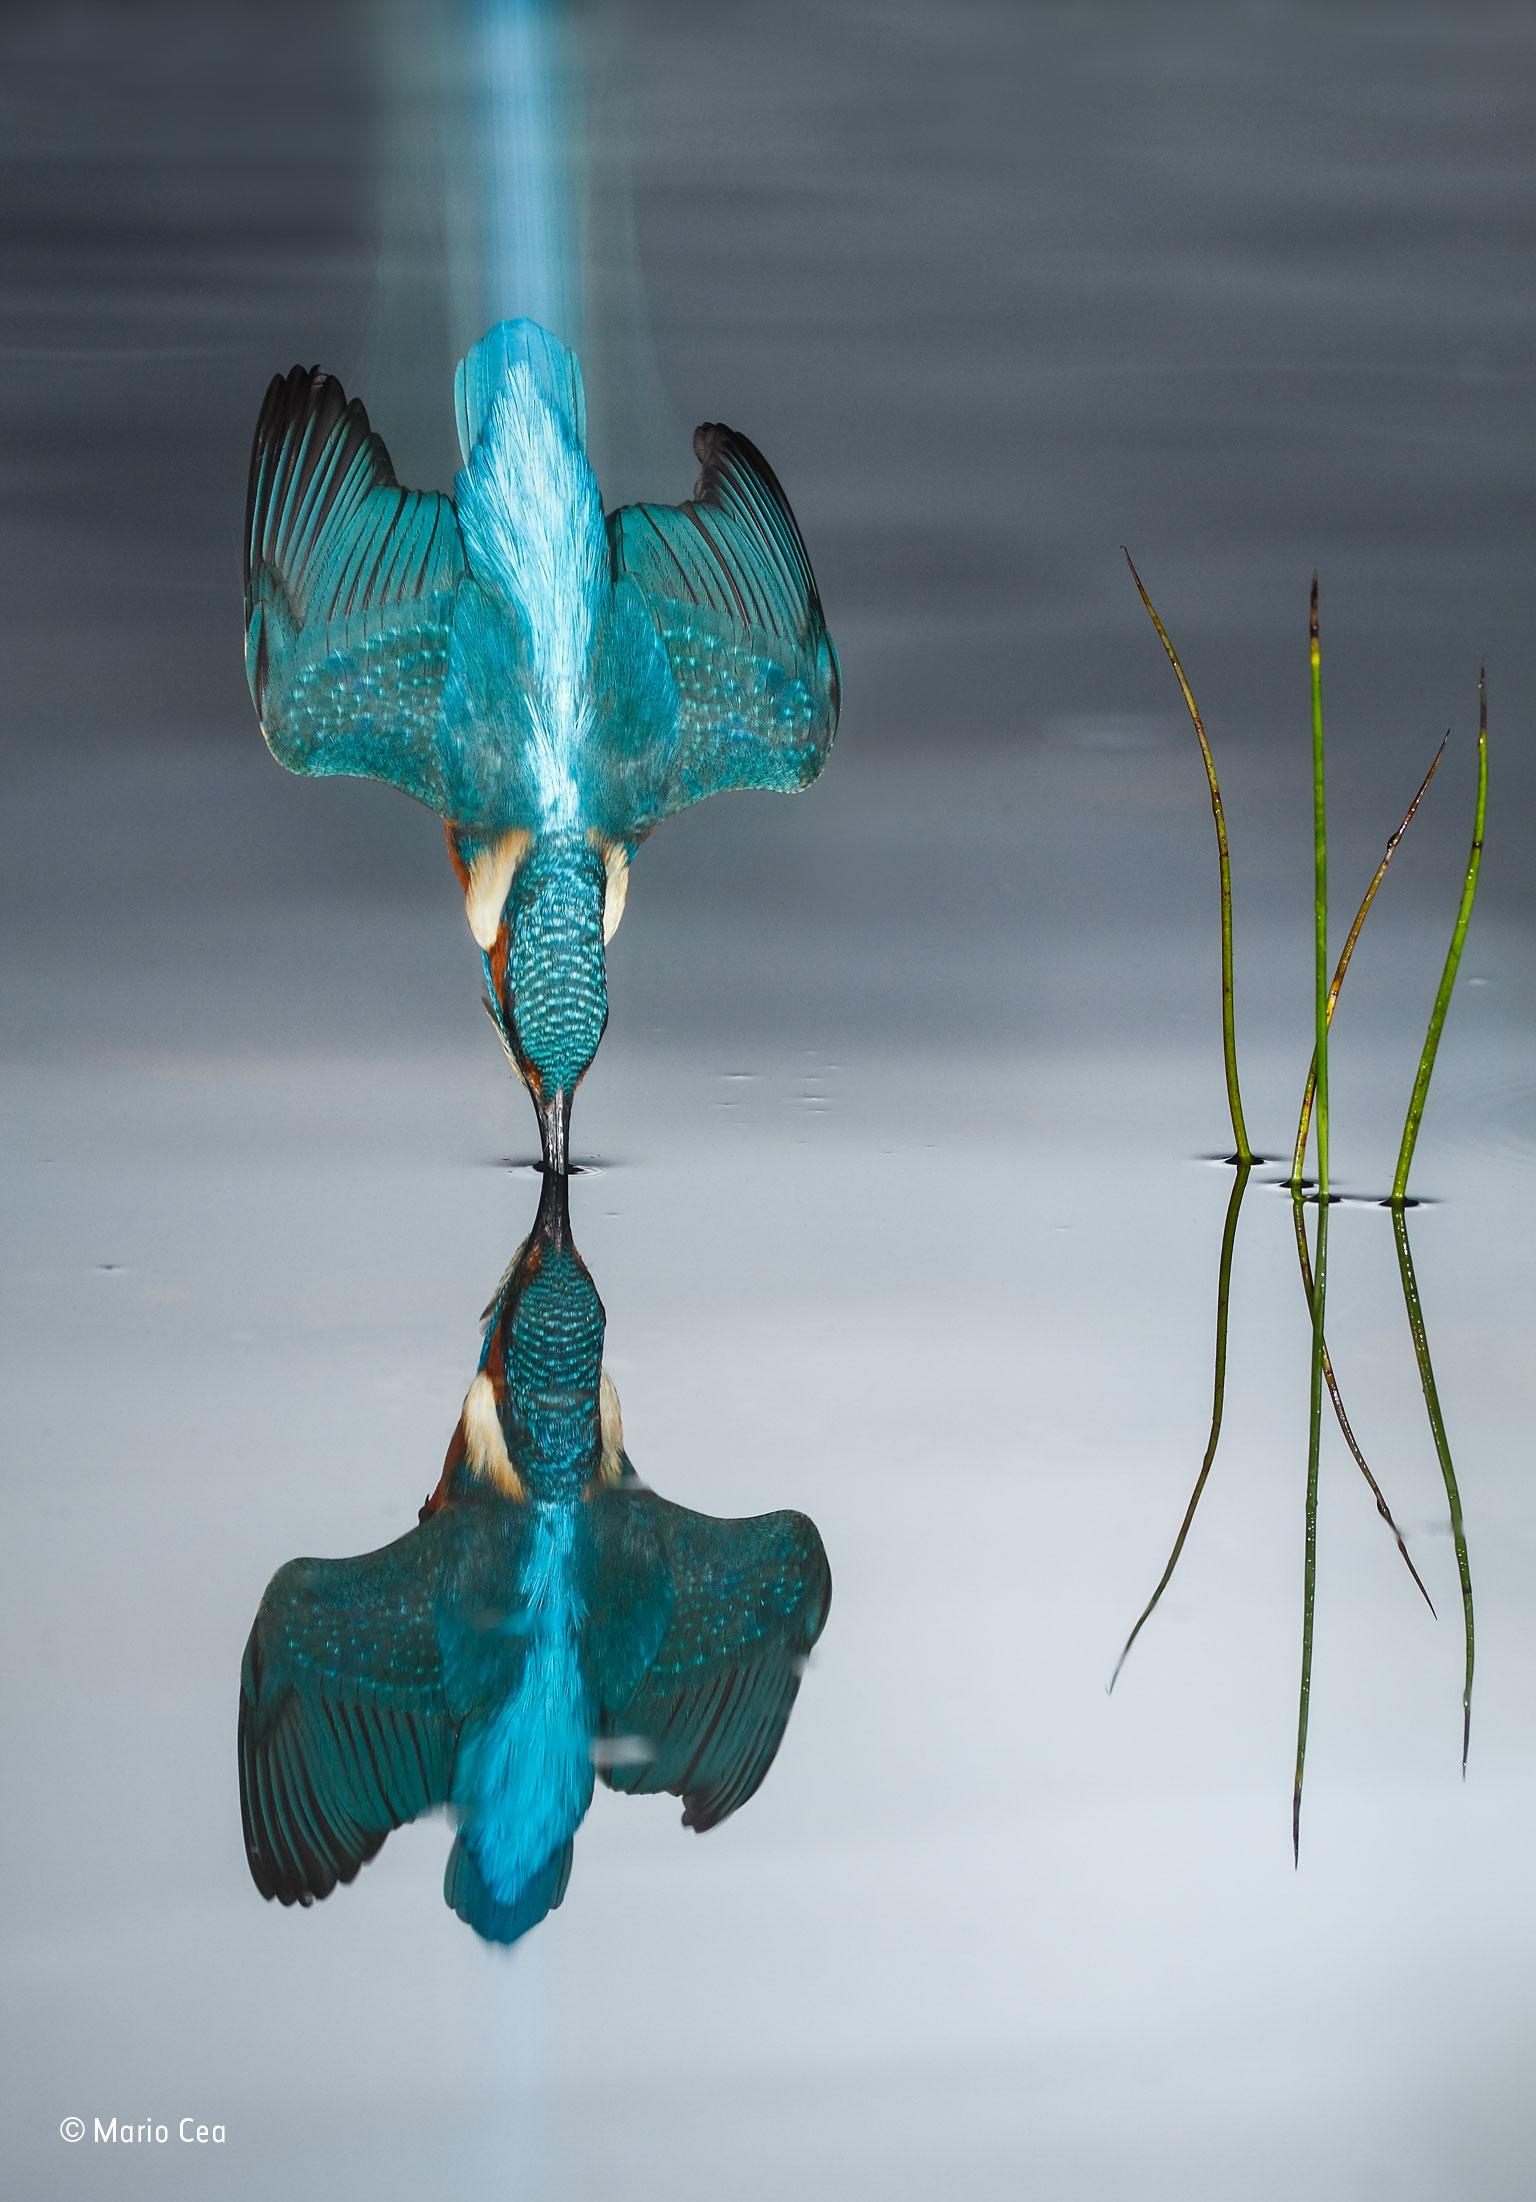 Kingfisher photo